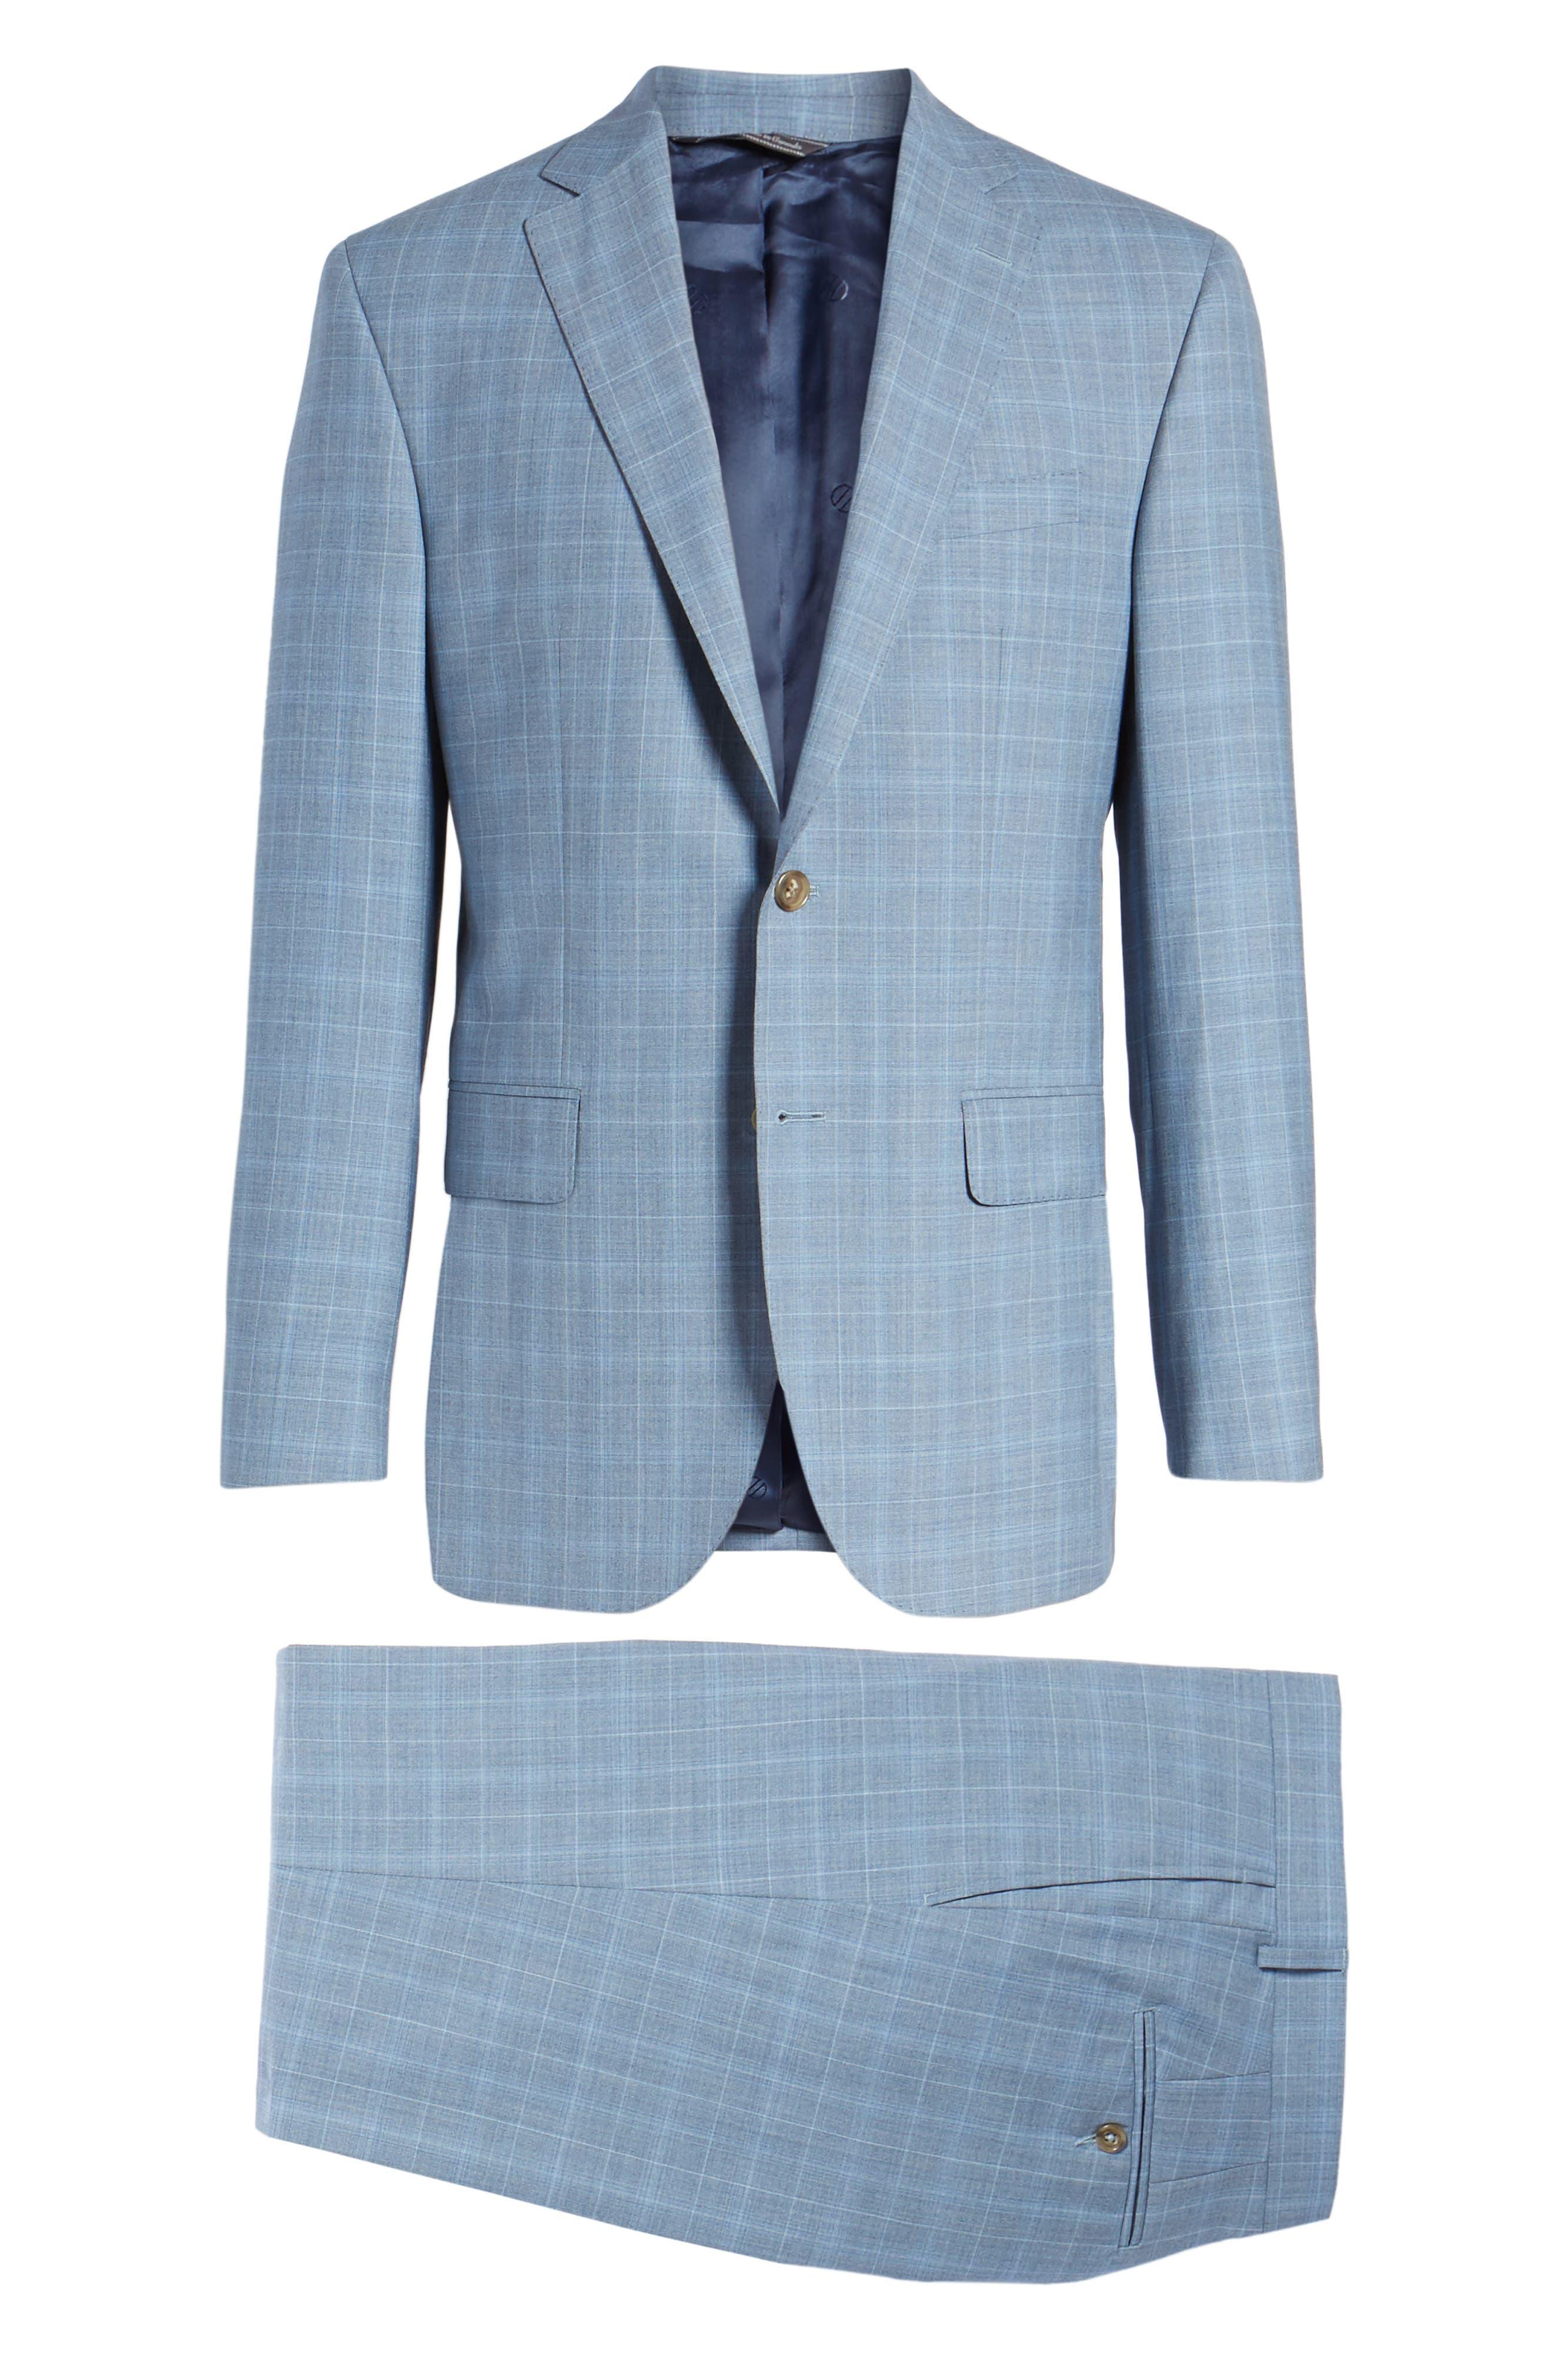 Ryan Classic Fit Plaid Wool Suit,                             Alternate thumbnail 8, color,                             Blue